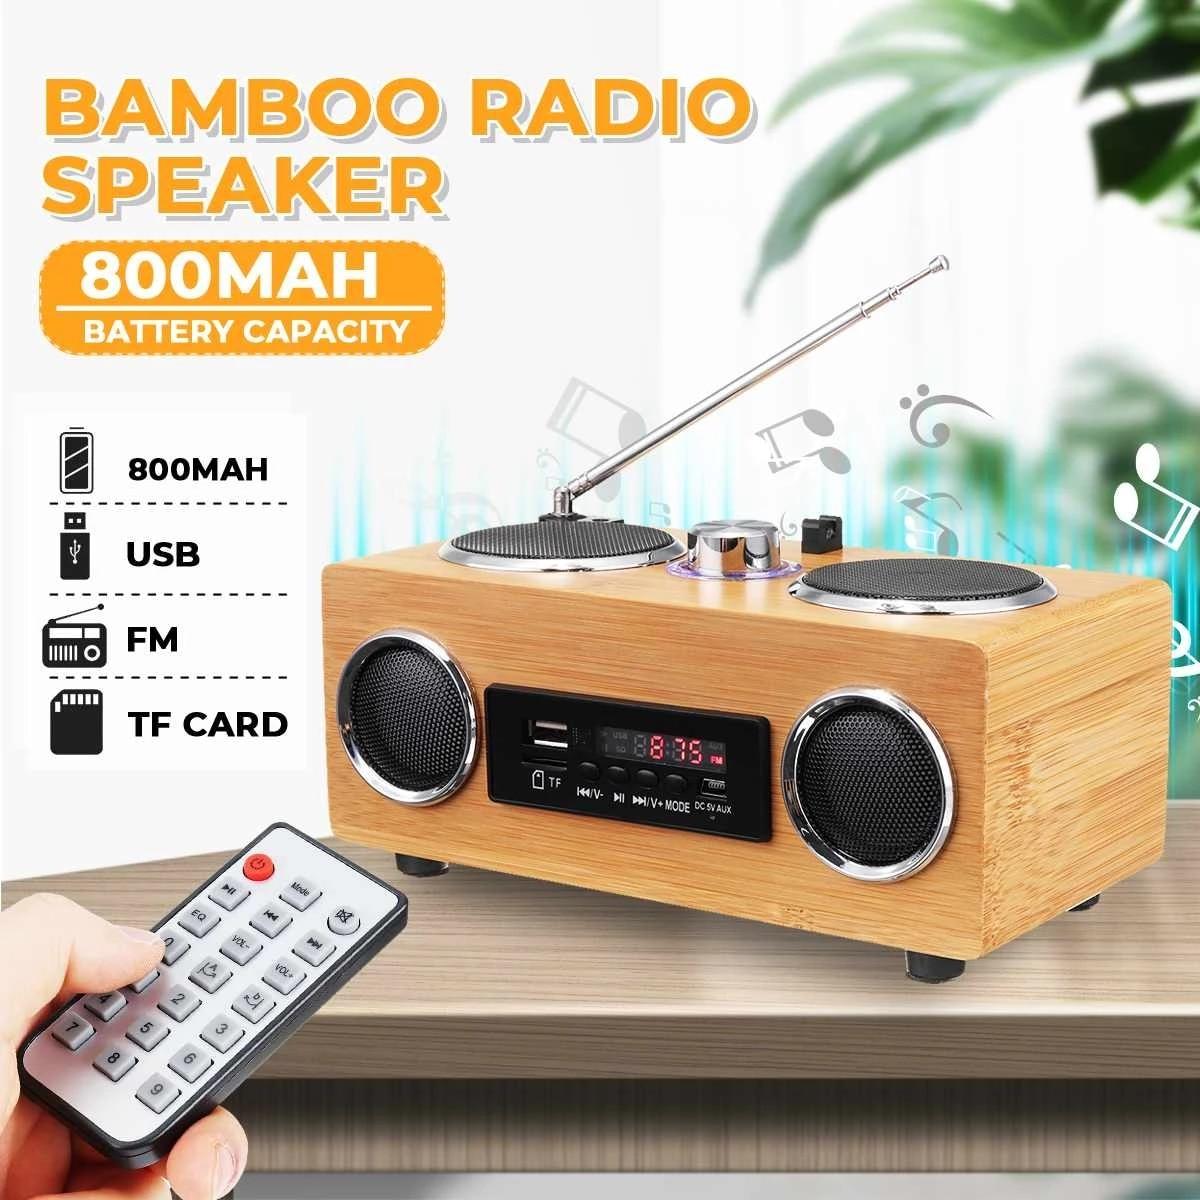 خشبية ريترو سماعة لاسلكية تعمل بالبلوتوث المتكلم راديو مضخم صوت ستيريو المنزل الصوت العمود مركز الموسيقى USB/TF/FM متعدد الوظائف المتكلم